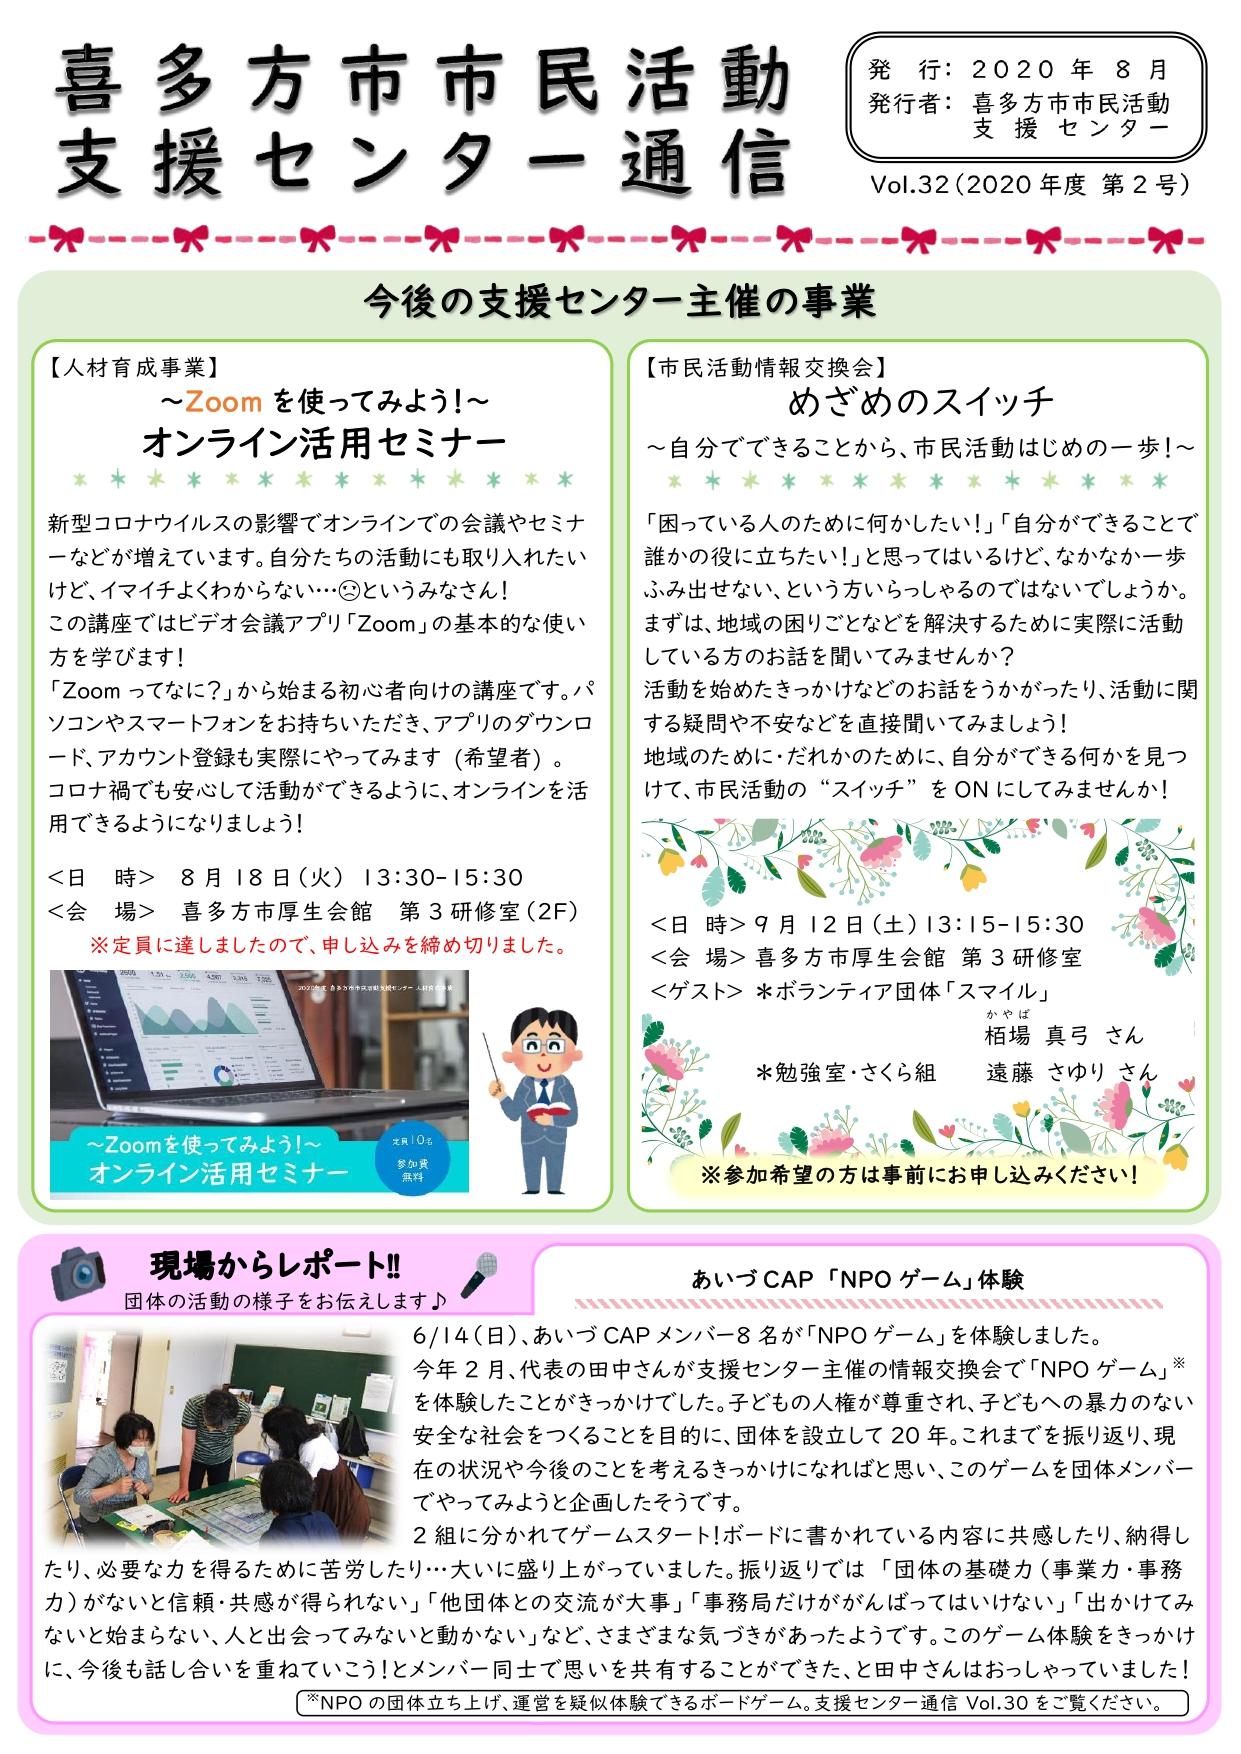 喜多方市市民活動支援センター通信 2020年度第2号(Vol.32)